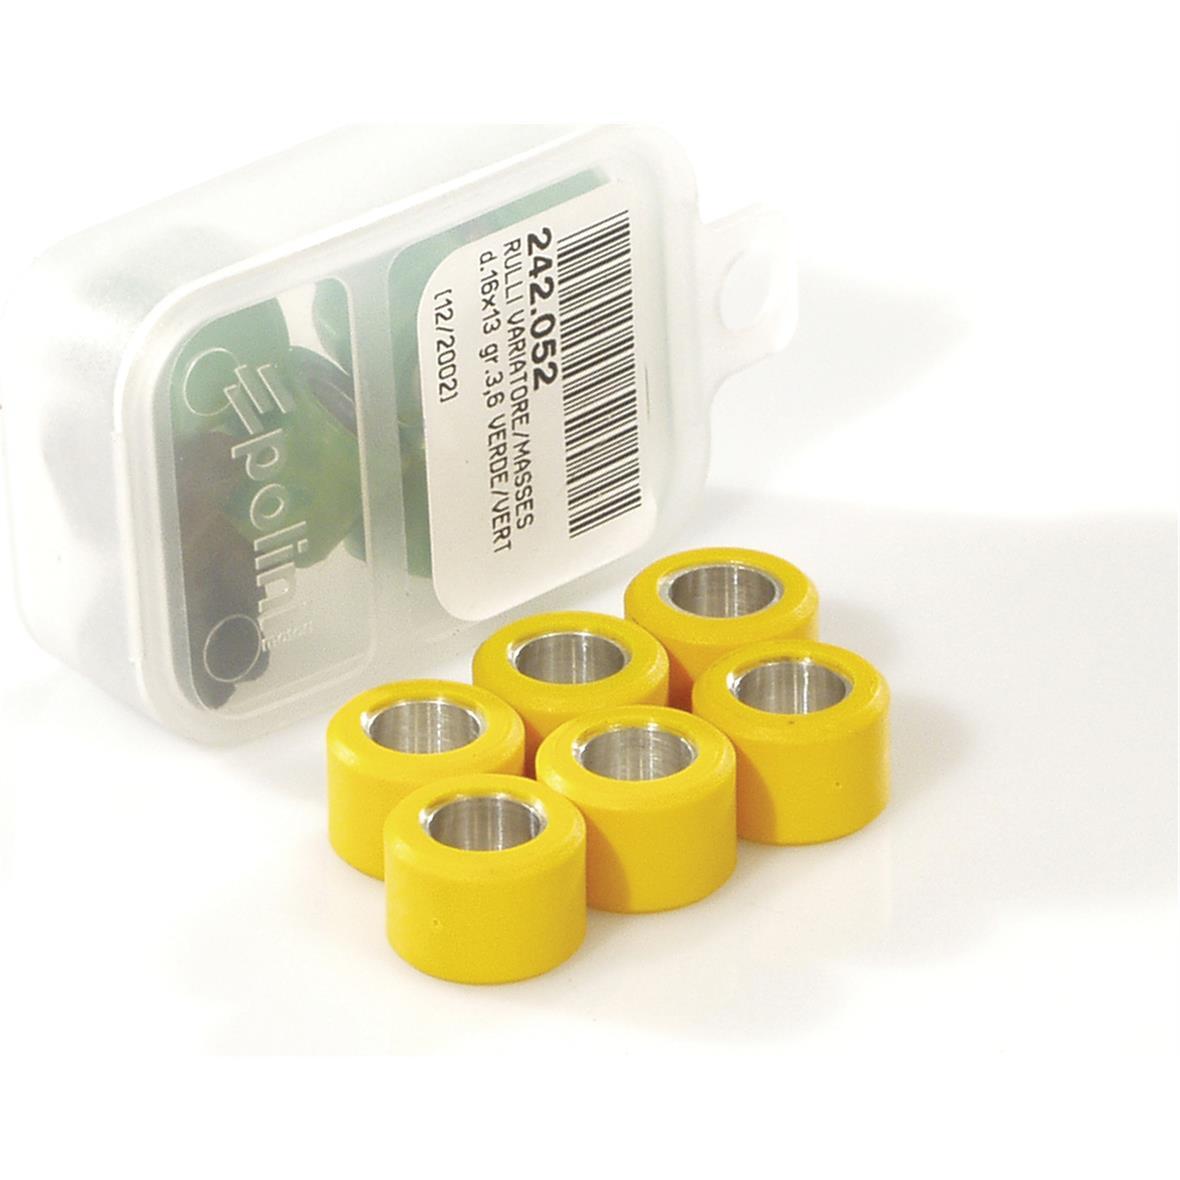 Image du produit 'Rouleaux de variateur POLINI 23x18 mm 13g'